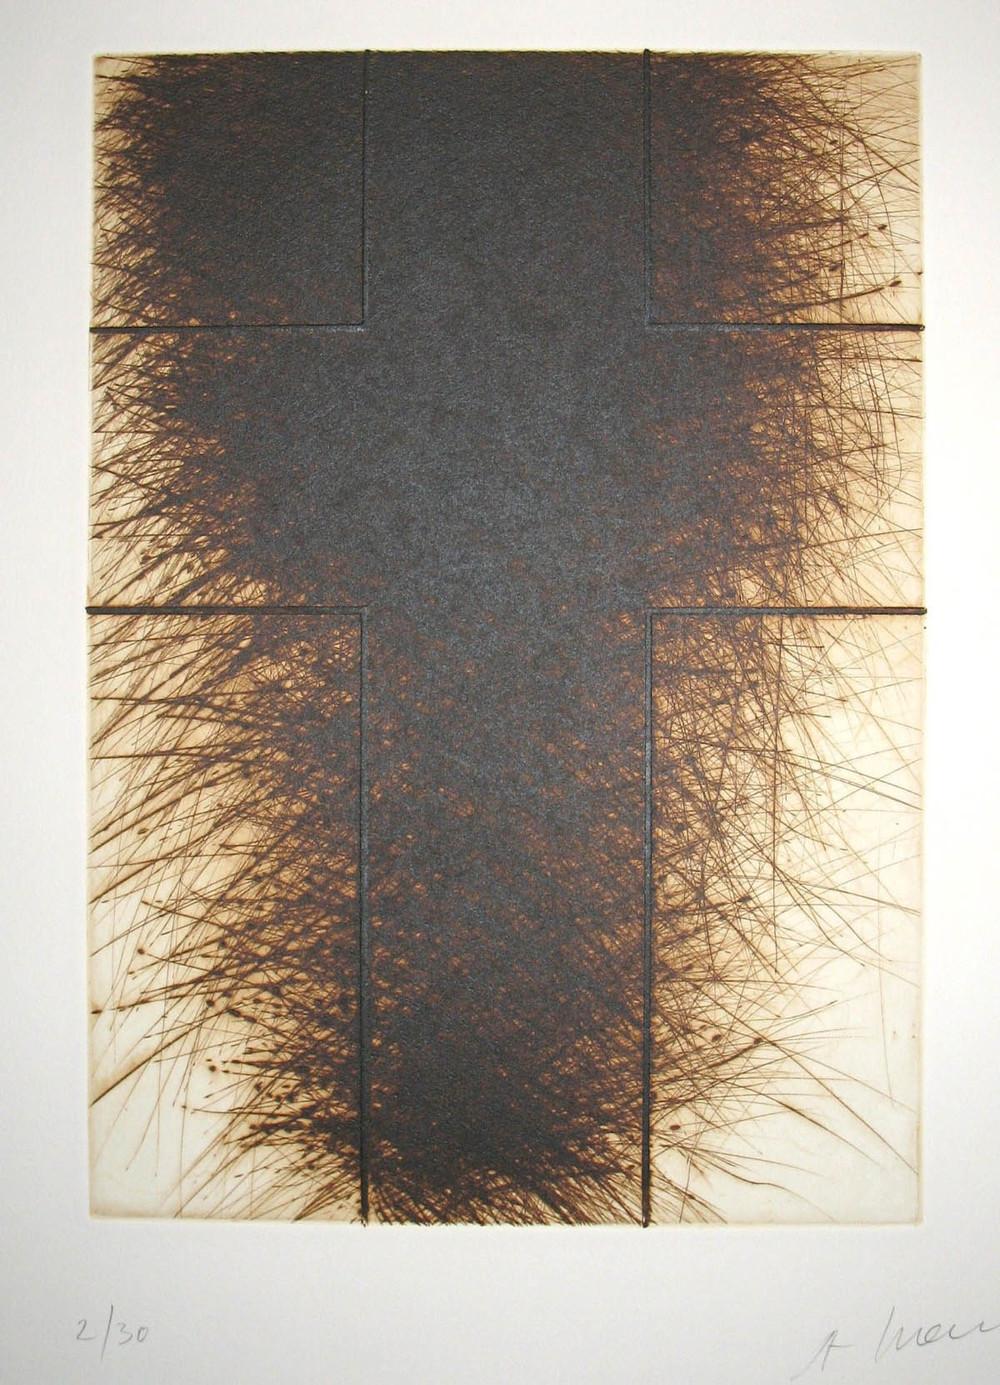 Kreuz, braun dunkel, 2009, etching, 67,5 x 50 cm